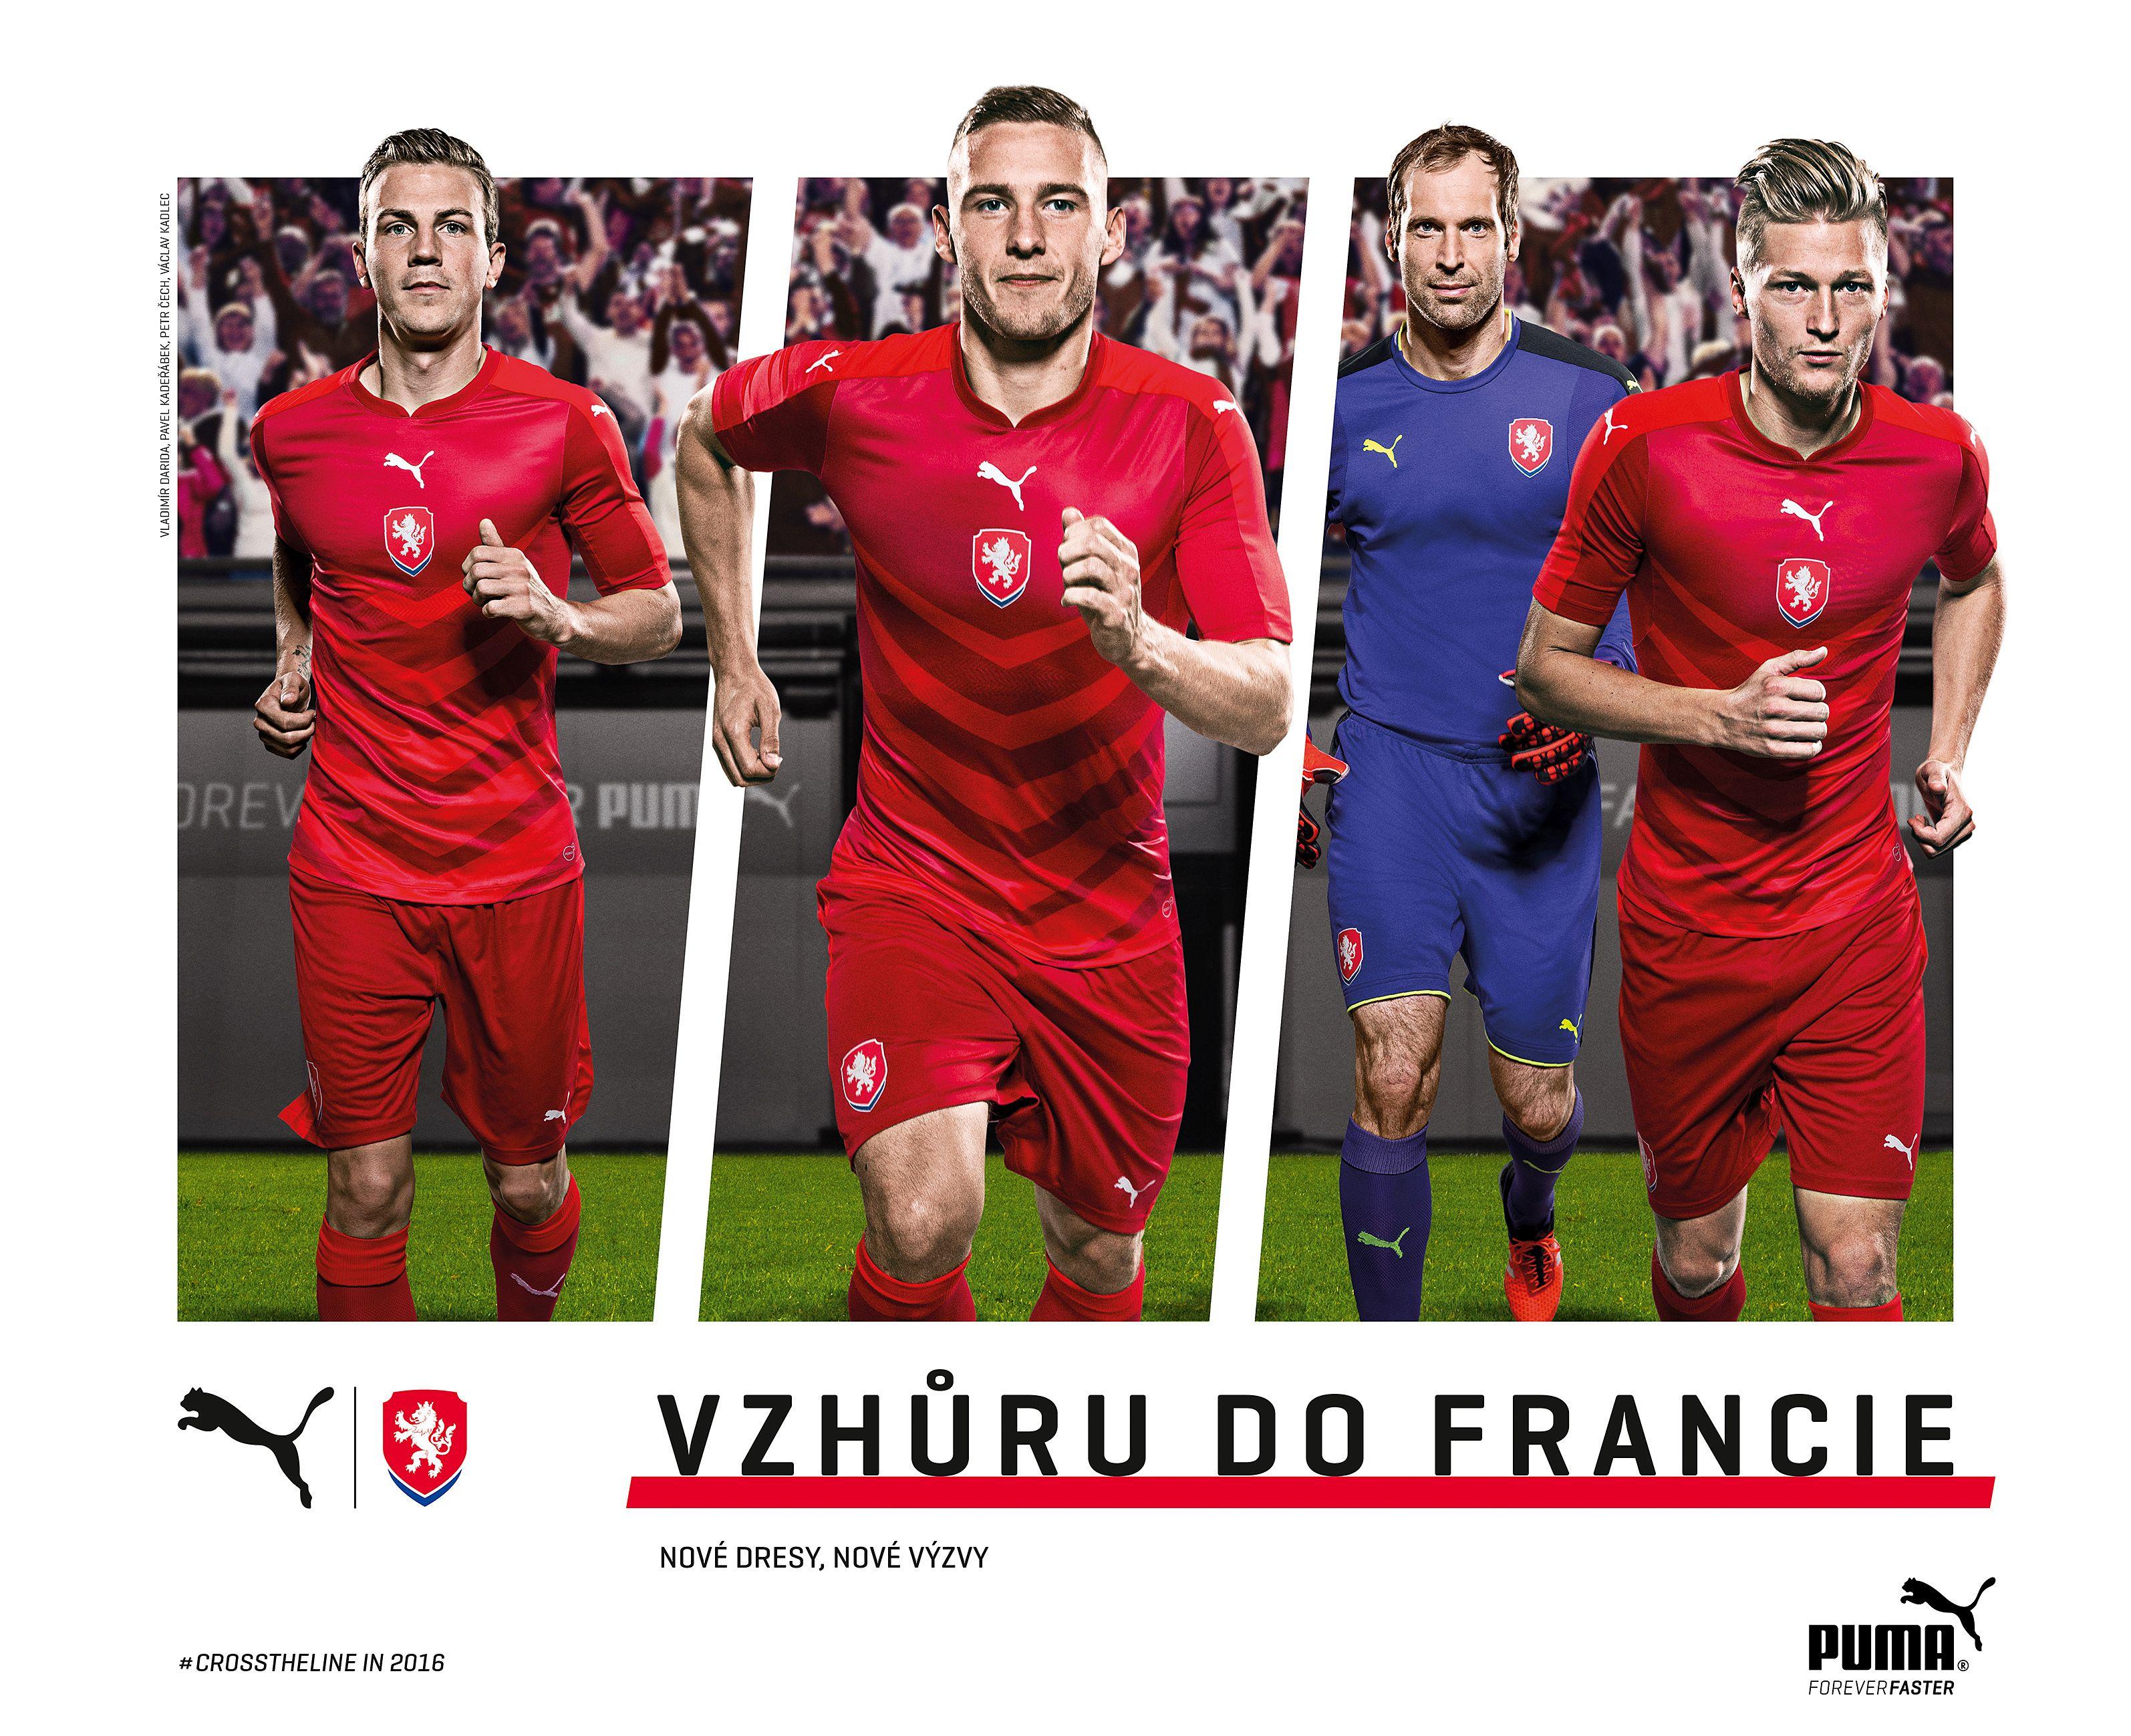 2f3897cfcf Sportovní značka PUMA a Fotbalová asociace České republiky představily nové  celočervené dresy